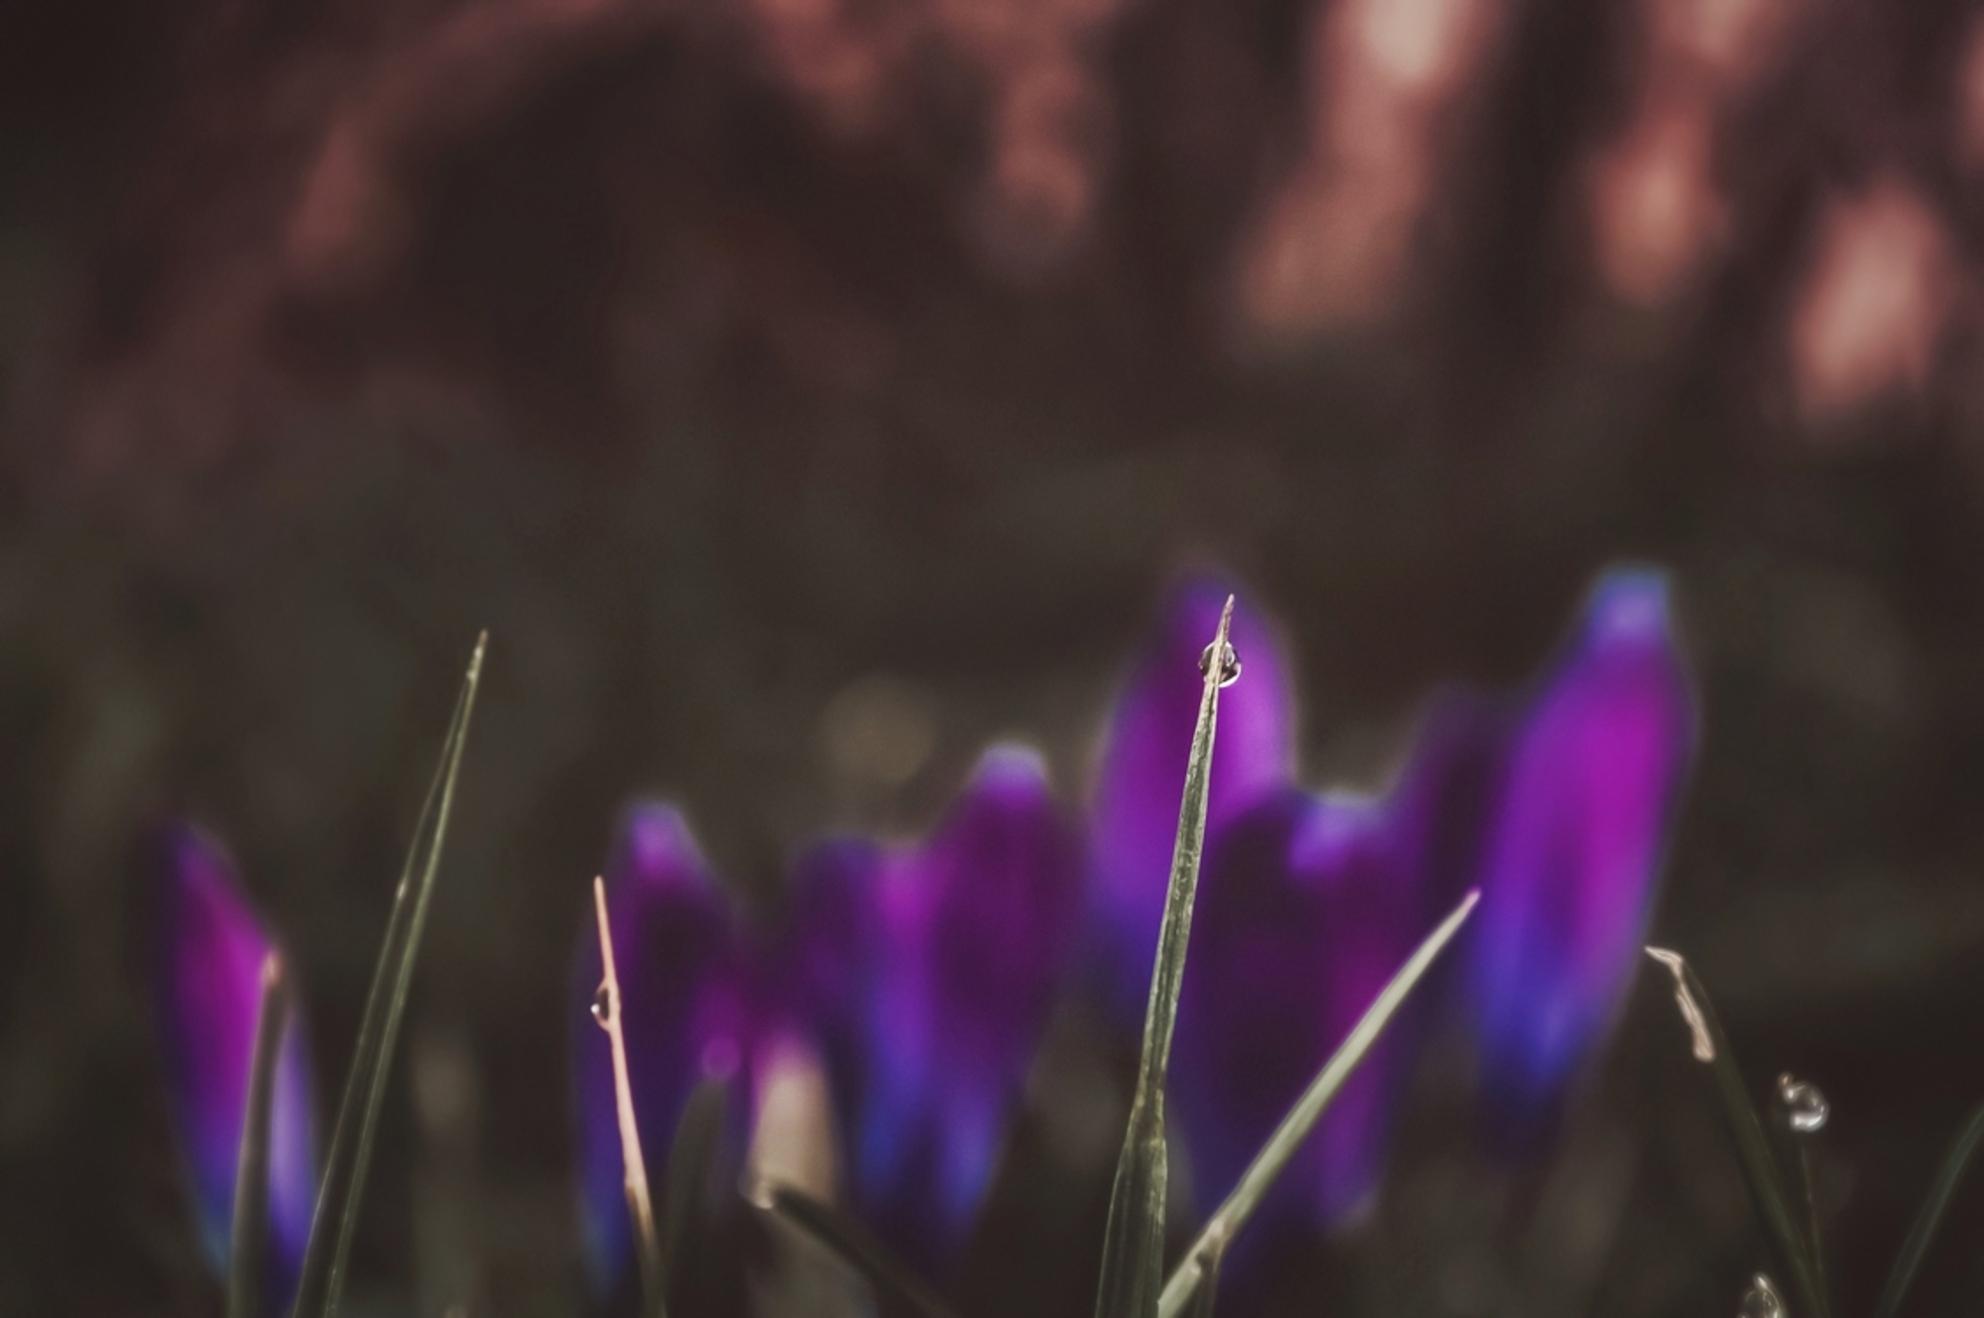 Druppel II; Nikon of IPhone? - Een van beiden is met de iPhone gemaakt, de ander met mijn Nikon D5000, maar welke is waarmee gemaakt? ;) - foto door Ogenblikfoto op 27-02-2021 - deze foto bevat: paars, macro, bloem, lente, natuur, druppel, licht, krokus, dauw, bokeh - Deze foto mag gebruikt worden in een Zoom.nl publicatie